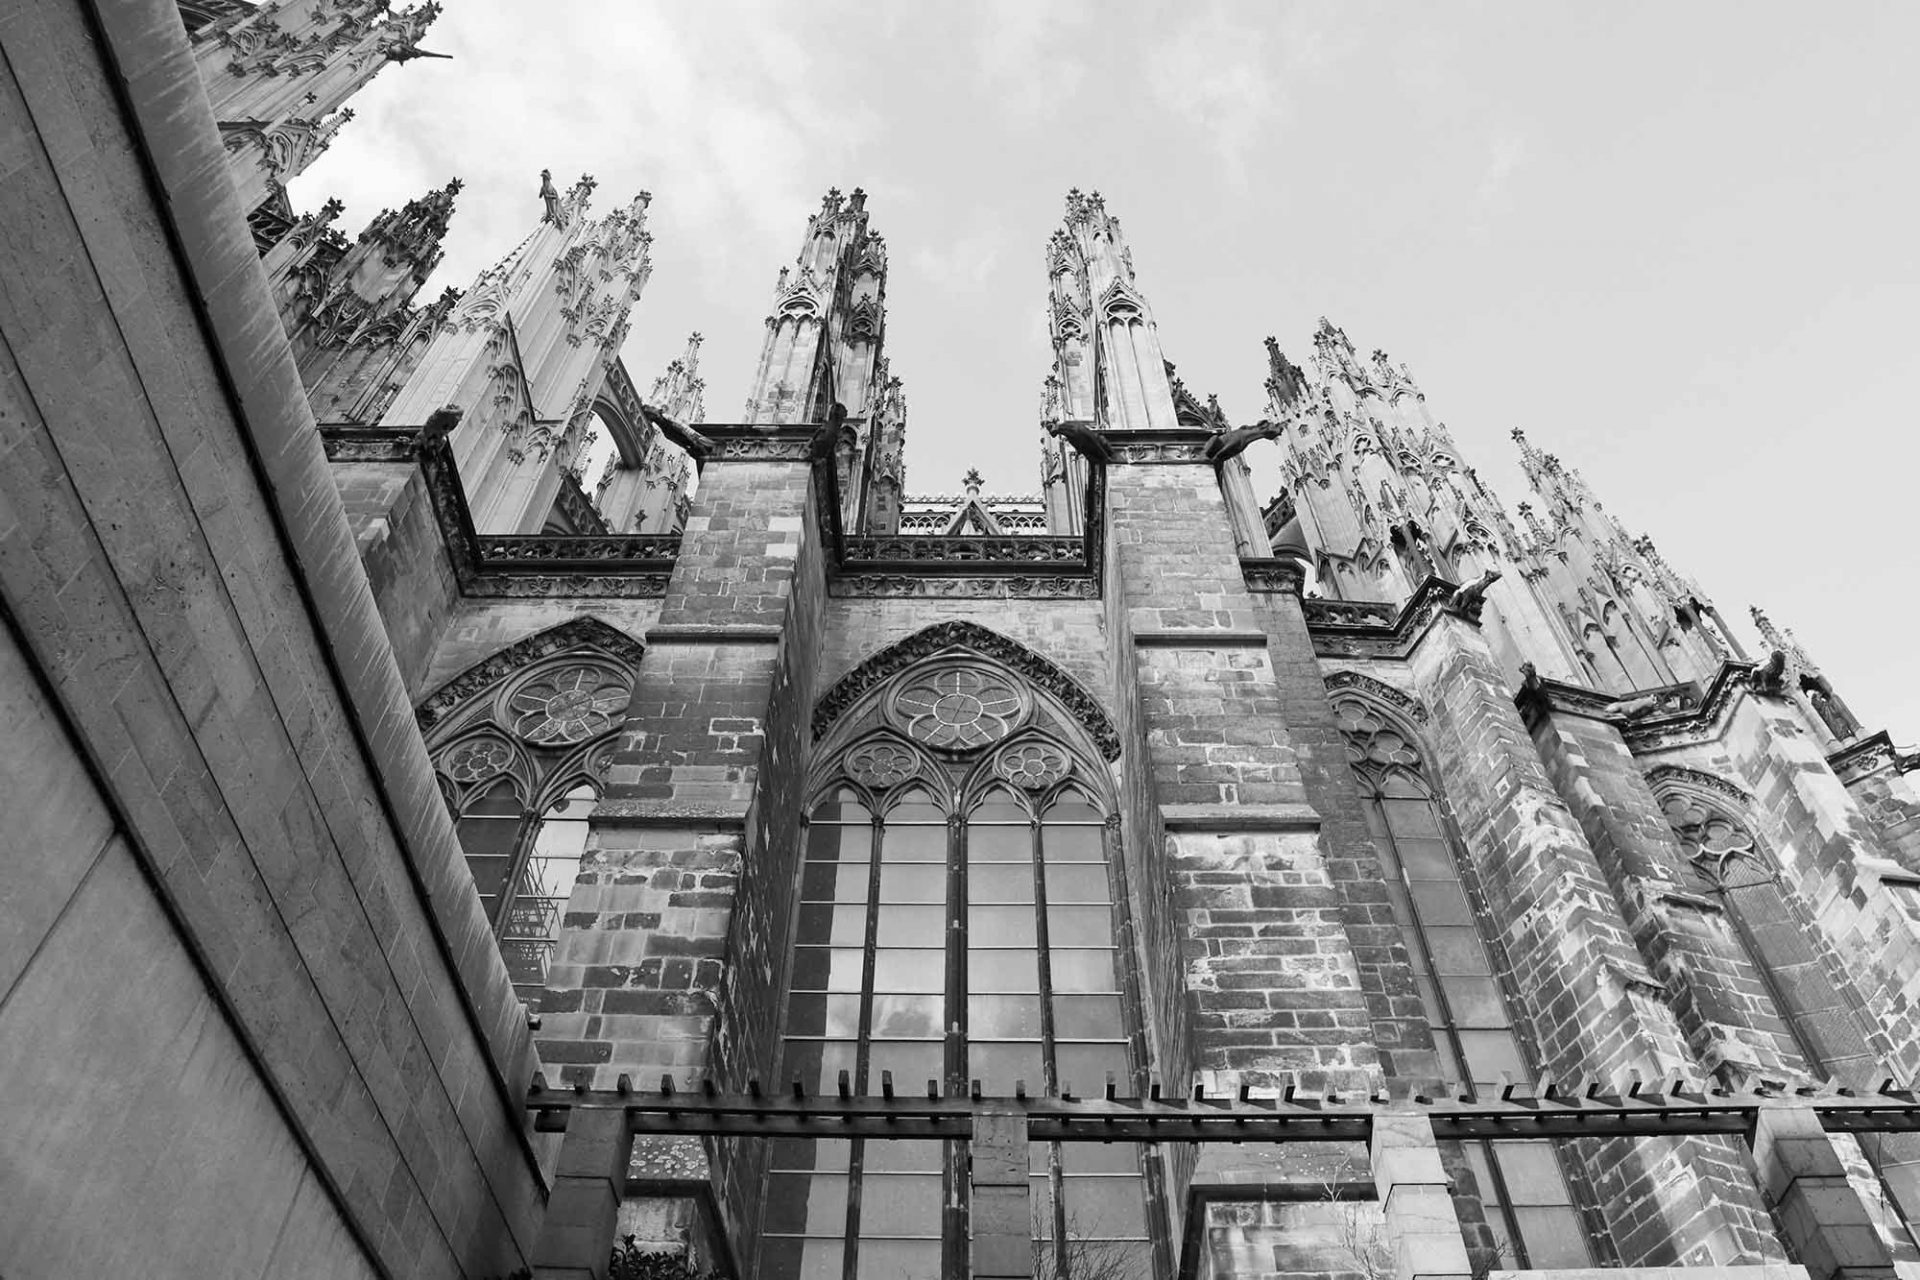 Dombauhütte Köln. Mit Blick hinauf zum Hohen Dom macht es ihn stolz, ein Teil der Hüttenbautradition zu sein.